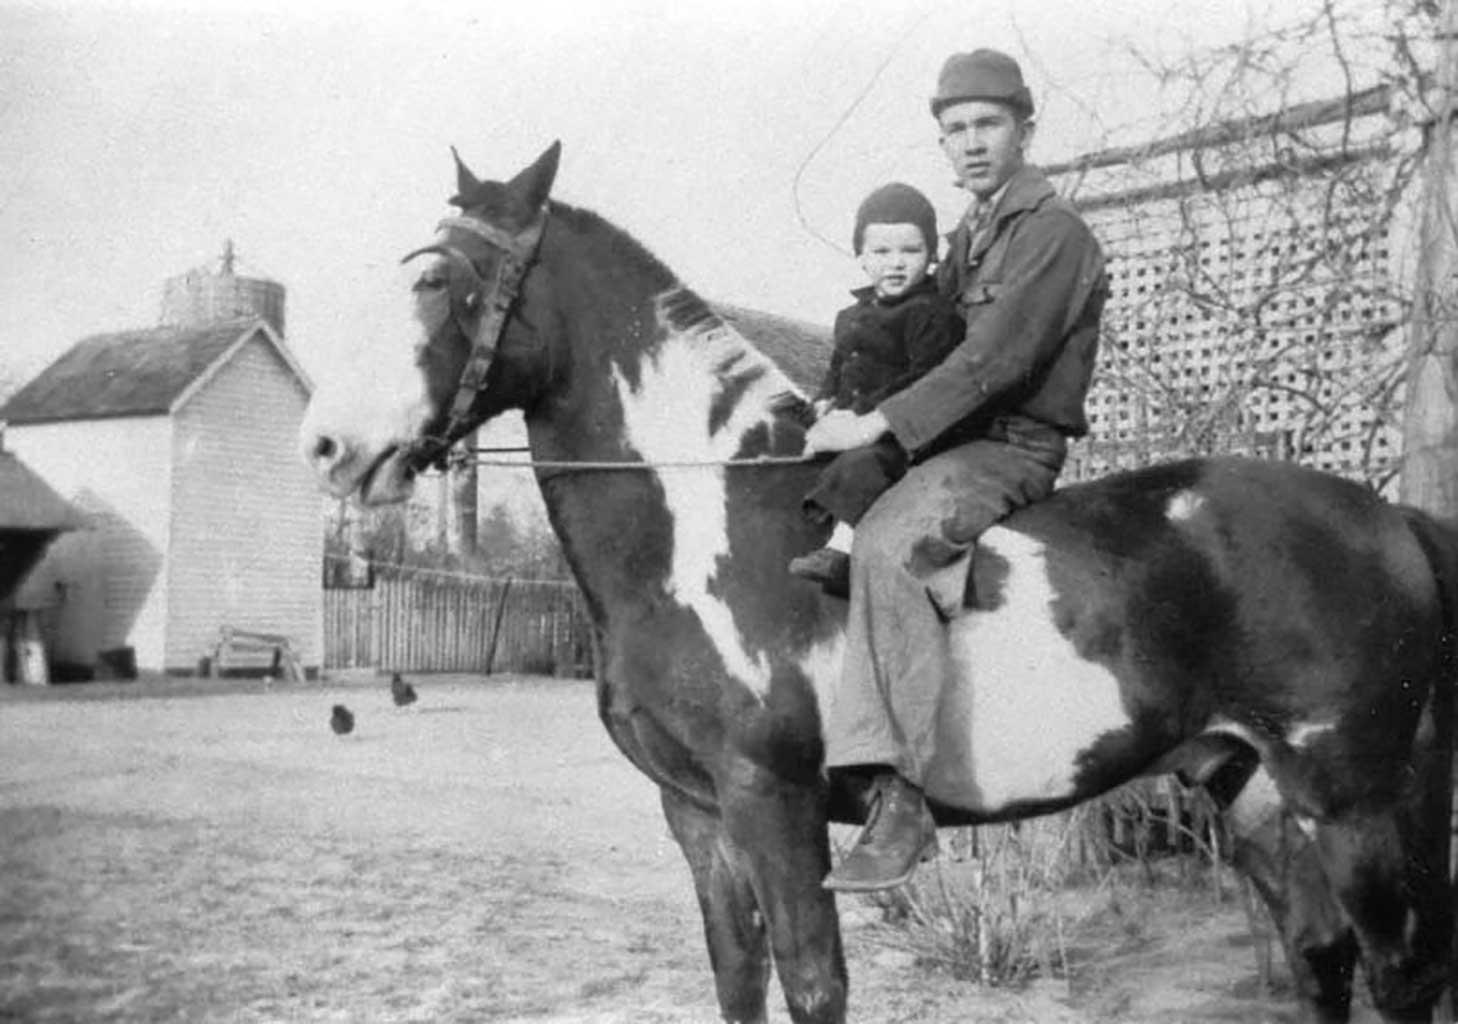 john-kirk-and-josh-pretlow-1941-img269